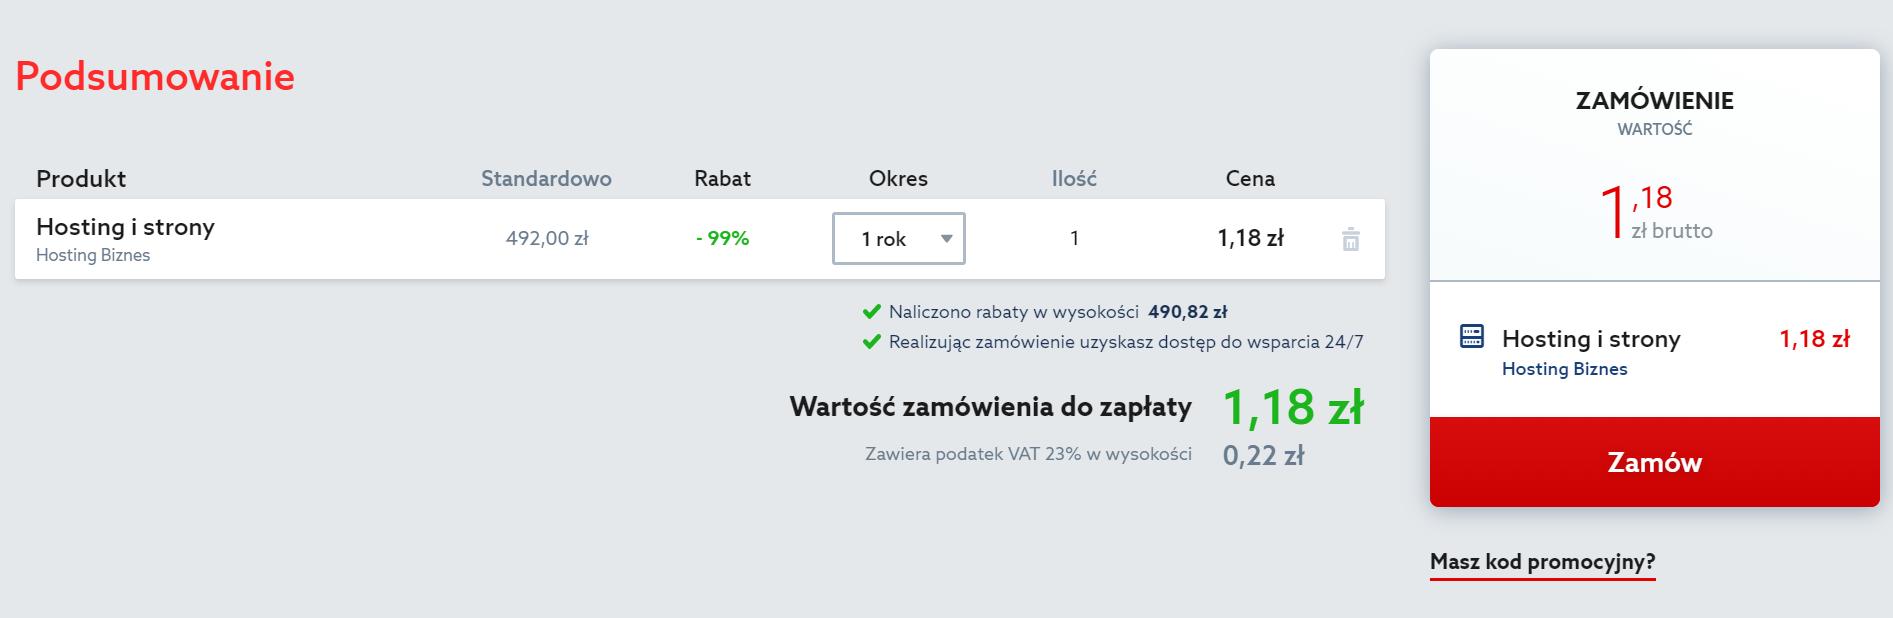 Home.pl - Menu - Hosting - Oferta - Zamówienie - Podsumowanie - Sprawdź wyświetlone informacje i jeśli jesteś gotowy do sfinalizowania zamówienia, kliknij przycisk Zamów